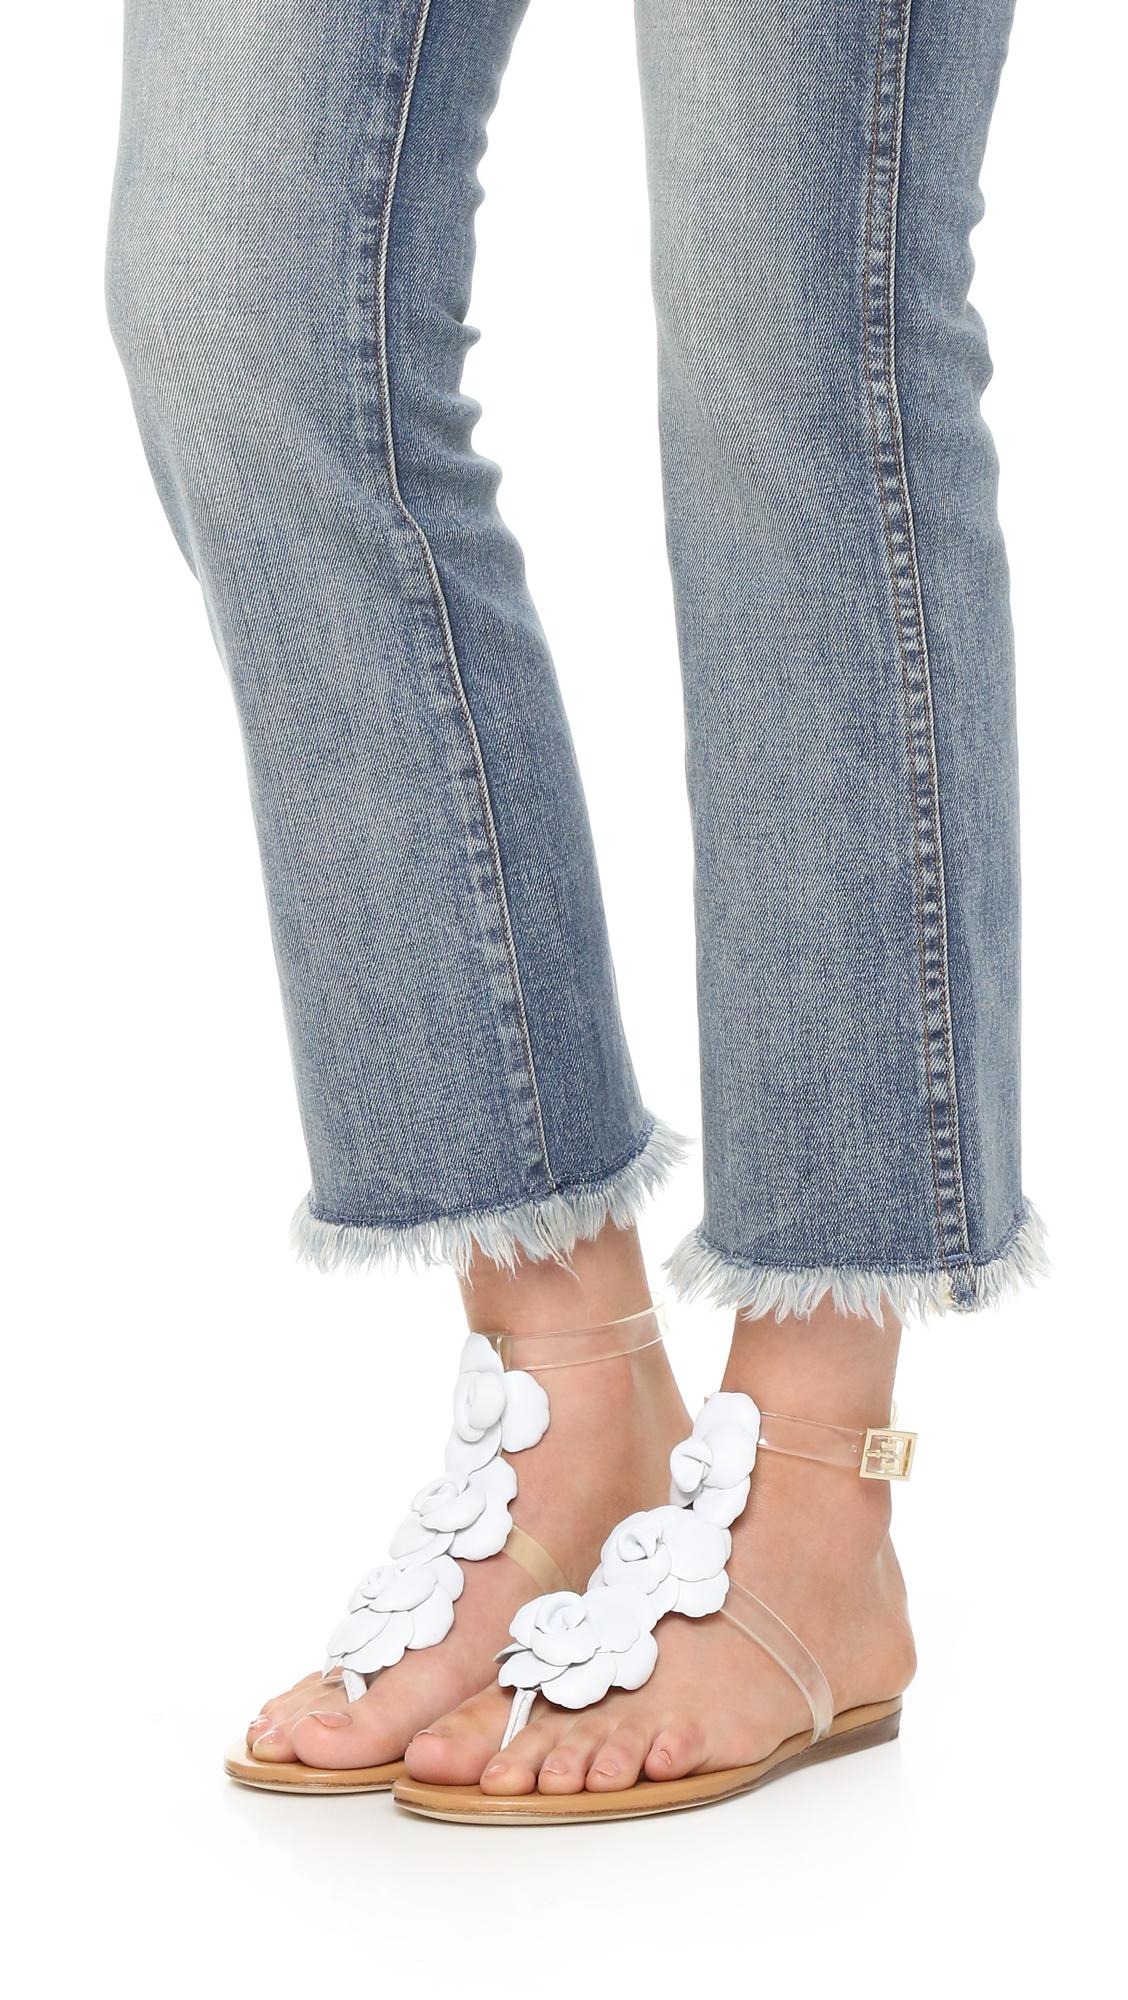 Black poppy sandals - Black Poppy Sandals 23